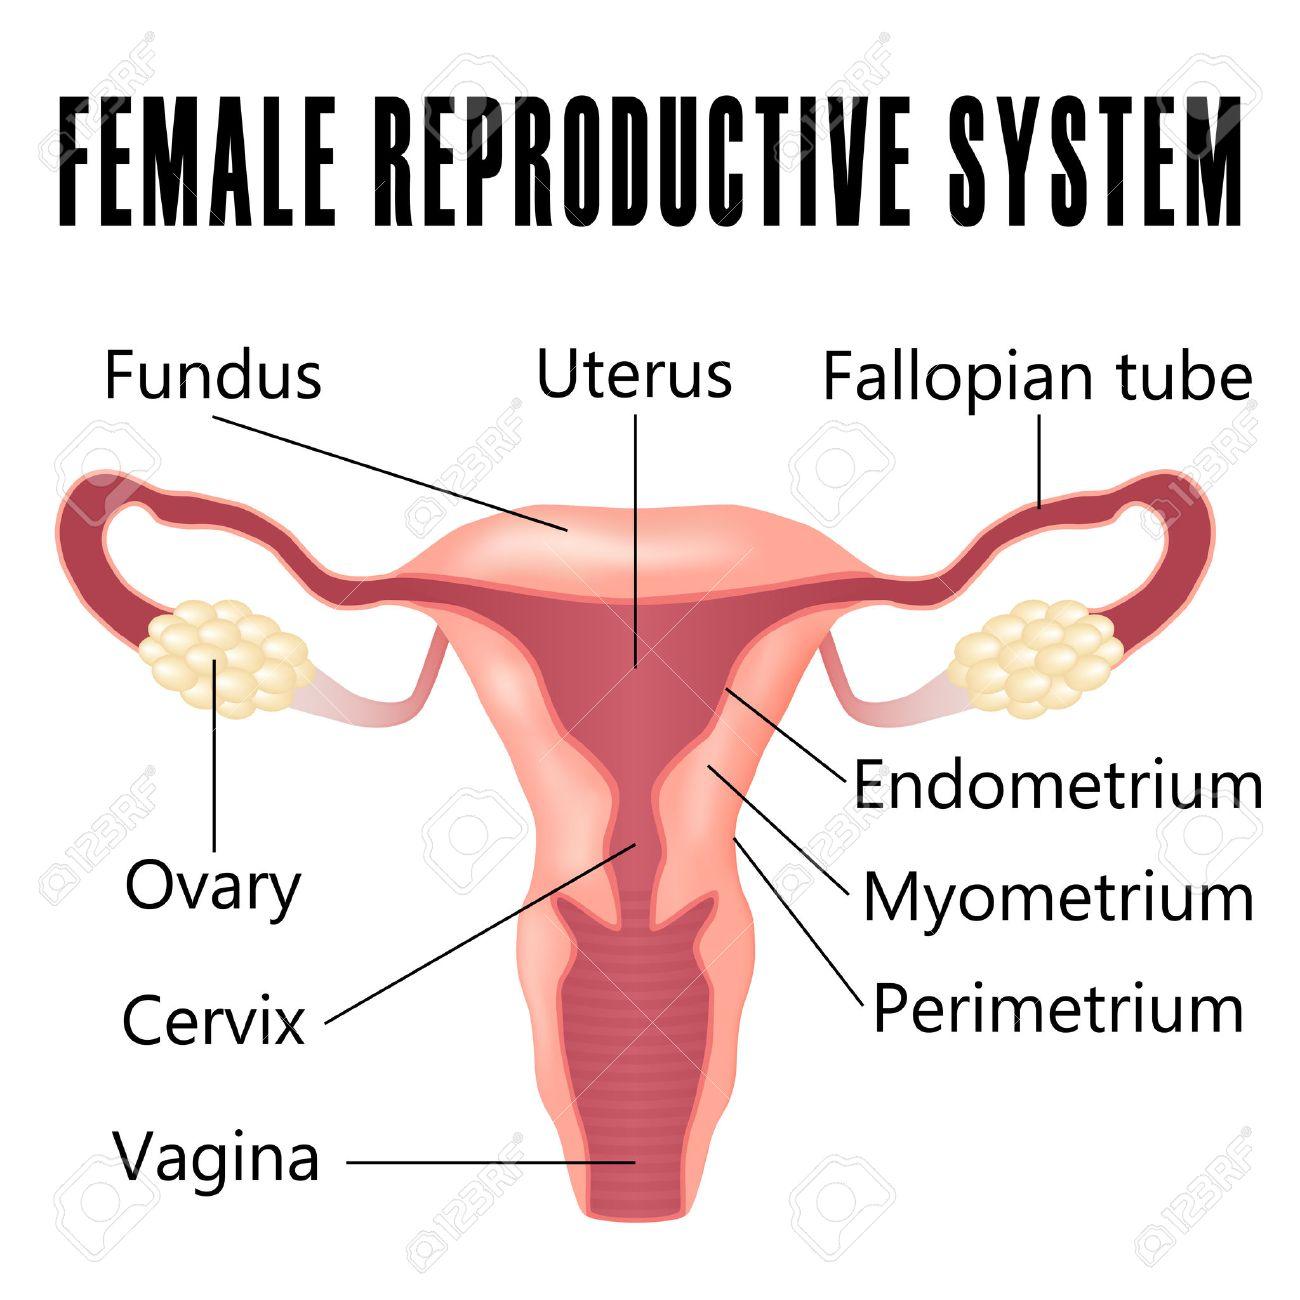 Sistema Reproductivo Femenino, El Esquema De útero Y Ovarios ...